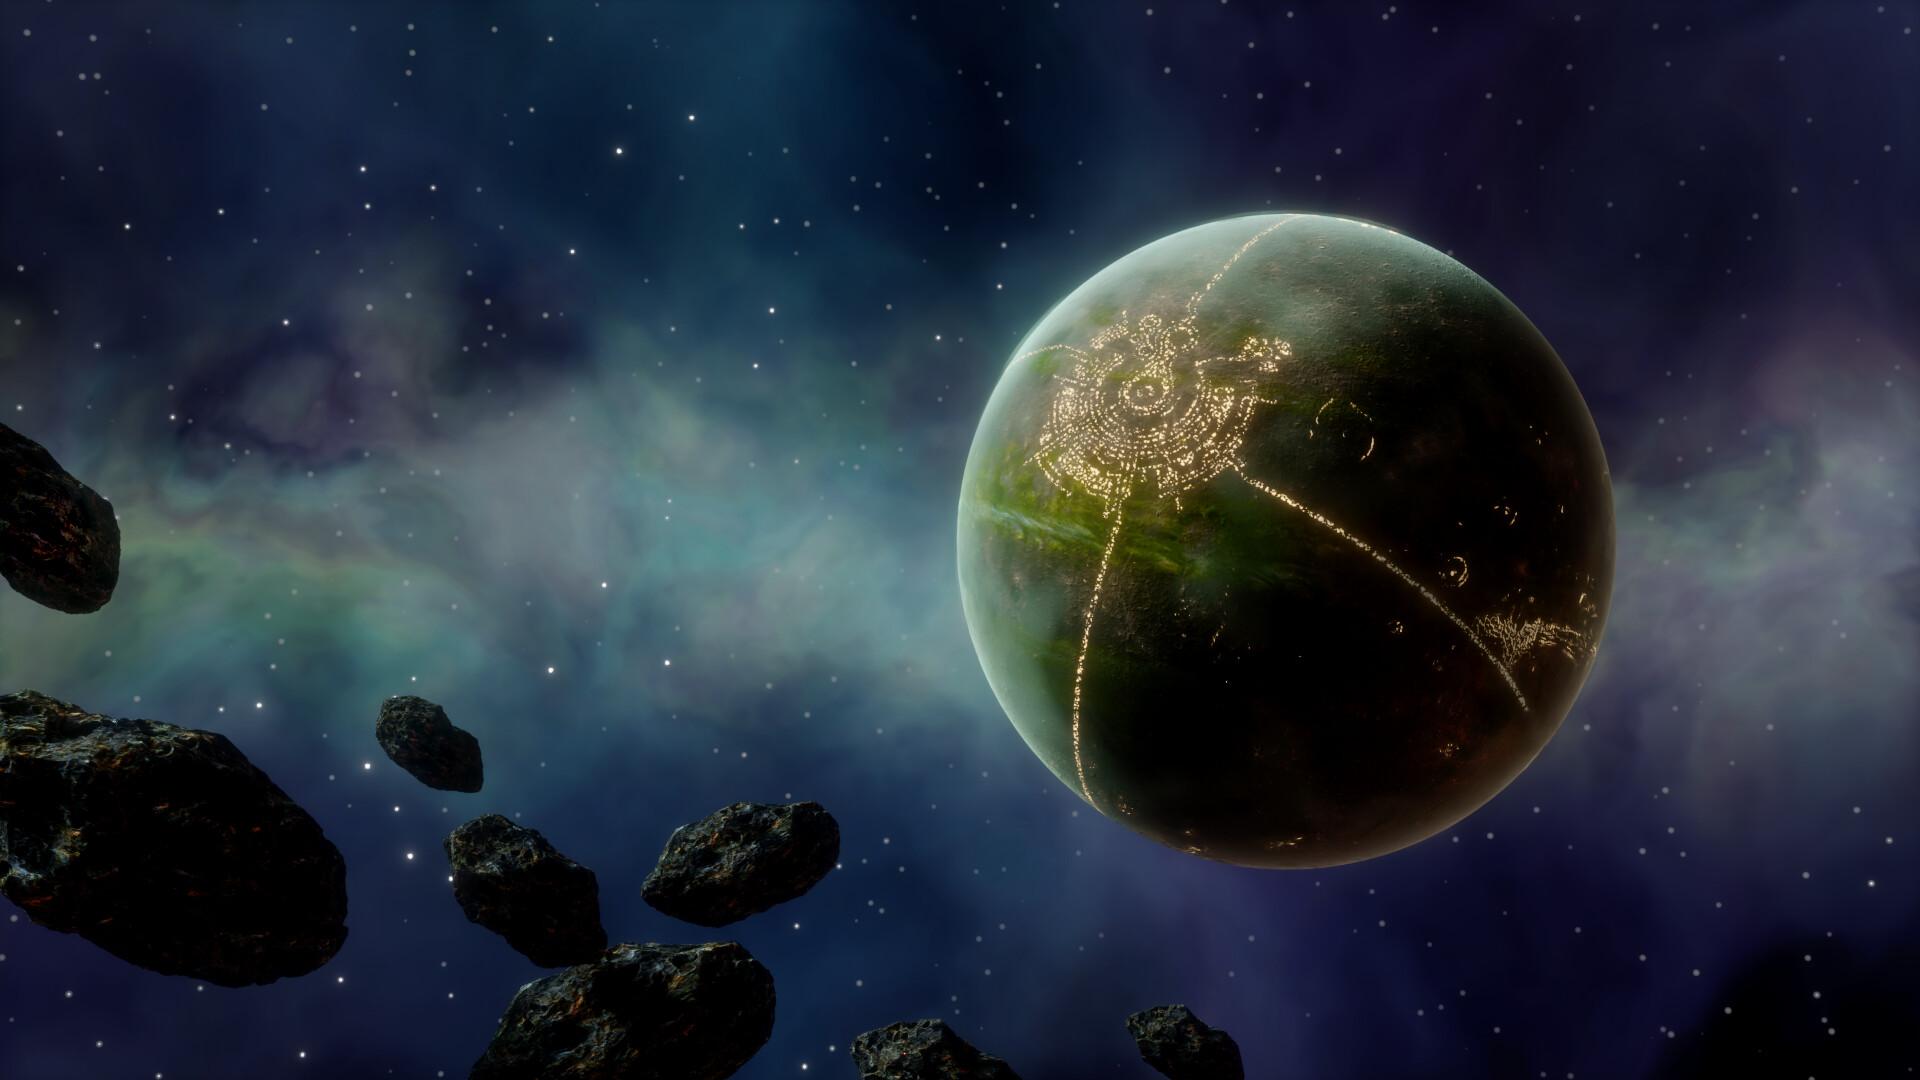 guillaume-bolis-planet-render.jpg